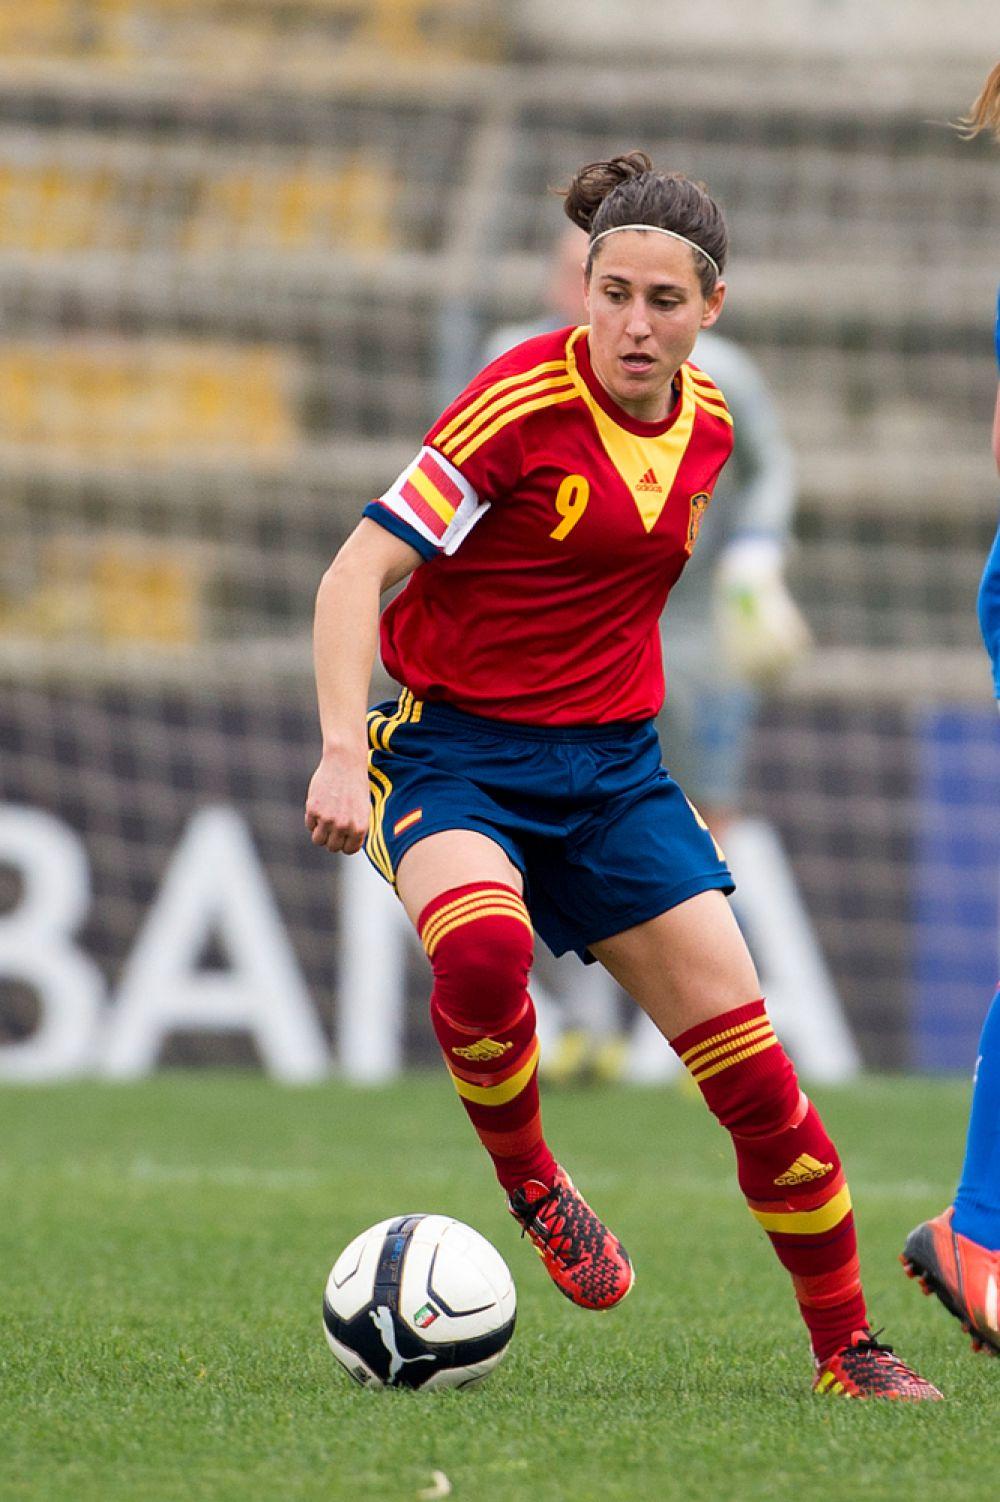 Вероника Бокете играет за немецкий «Франкфурт» и одновременно носит капитанскую повязку в составе «Красной фурии».